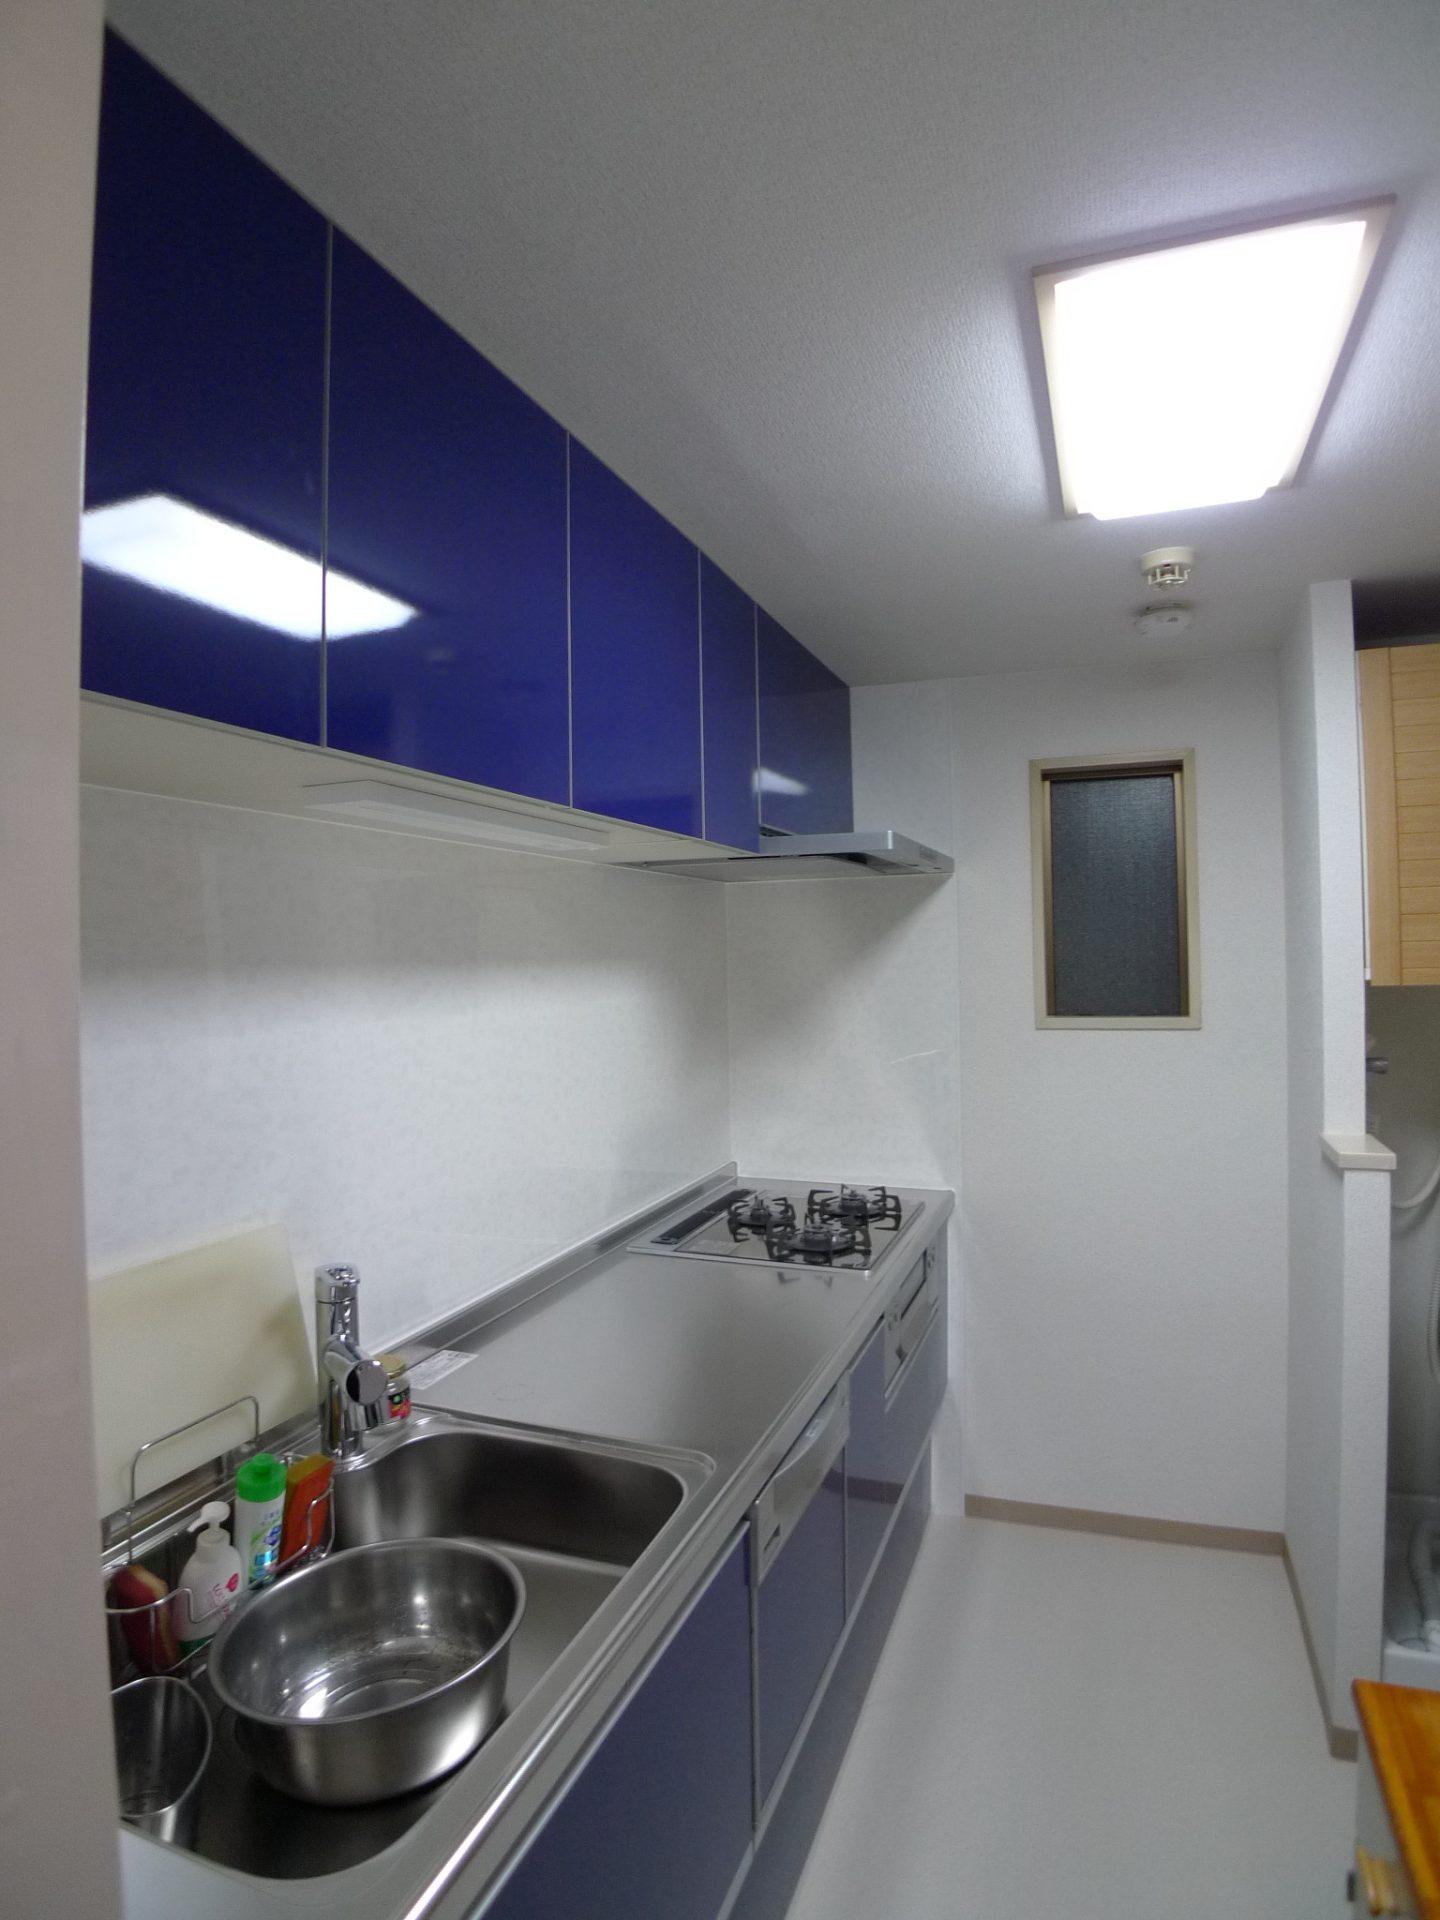 after:ご夫婦で選んだ鮮やかブルーが印象的なキッチン。引き出し収納と手入れがしやすいレンジフードに大満足です。